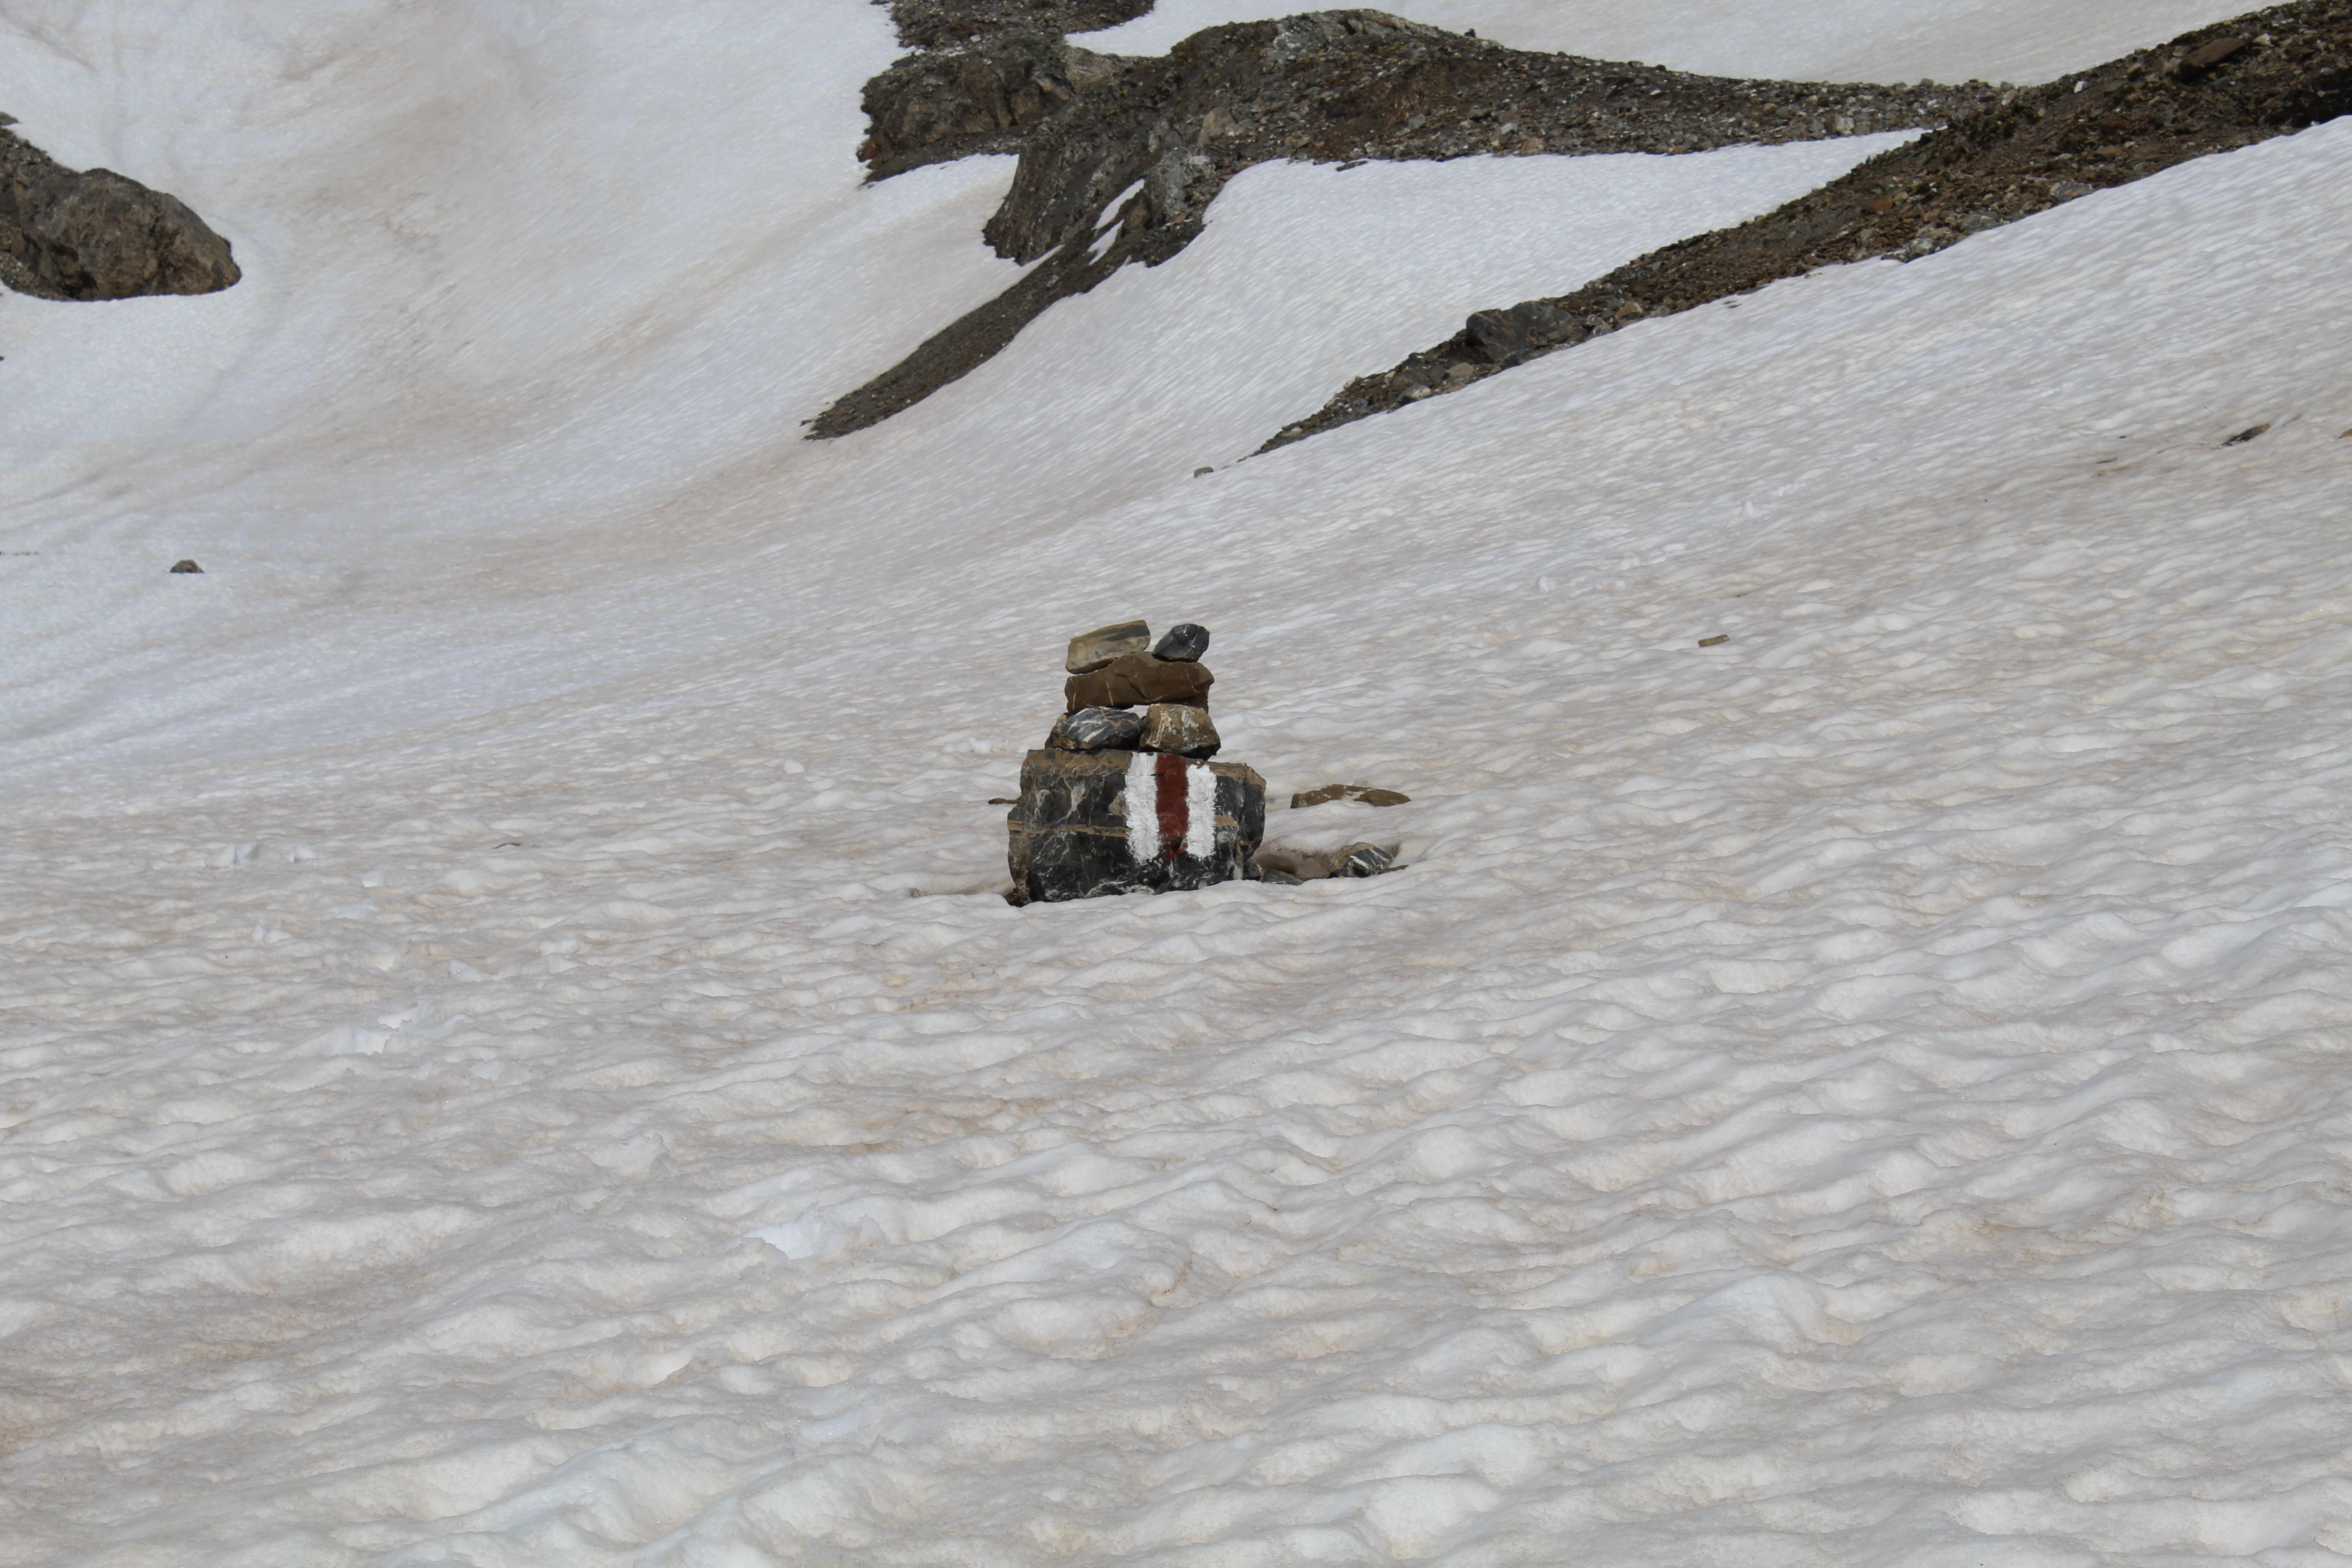 Bär Snowsports Engadin, Bike,- Berg- und Schneesportschule Slide 3